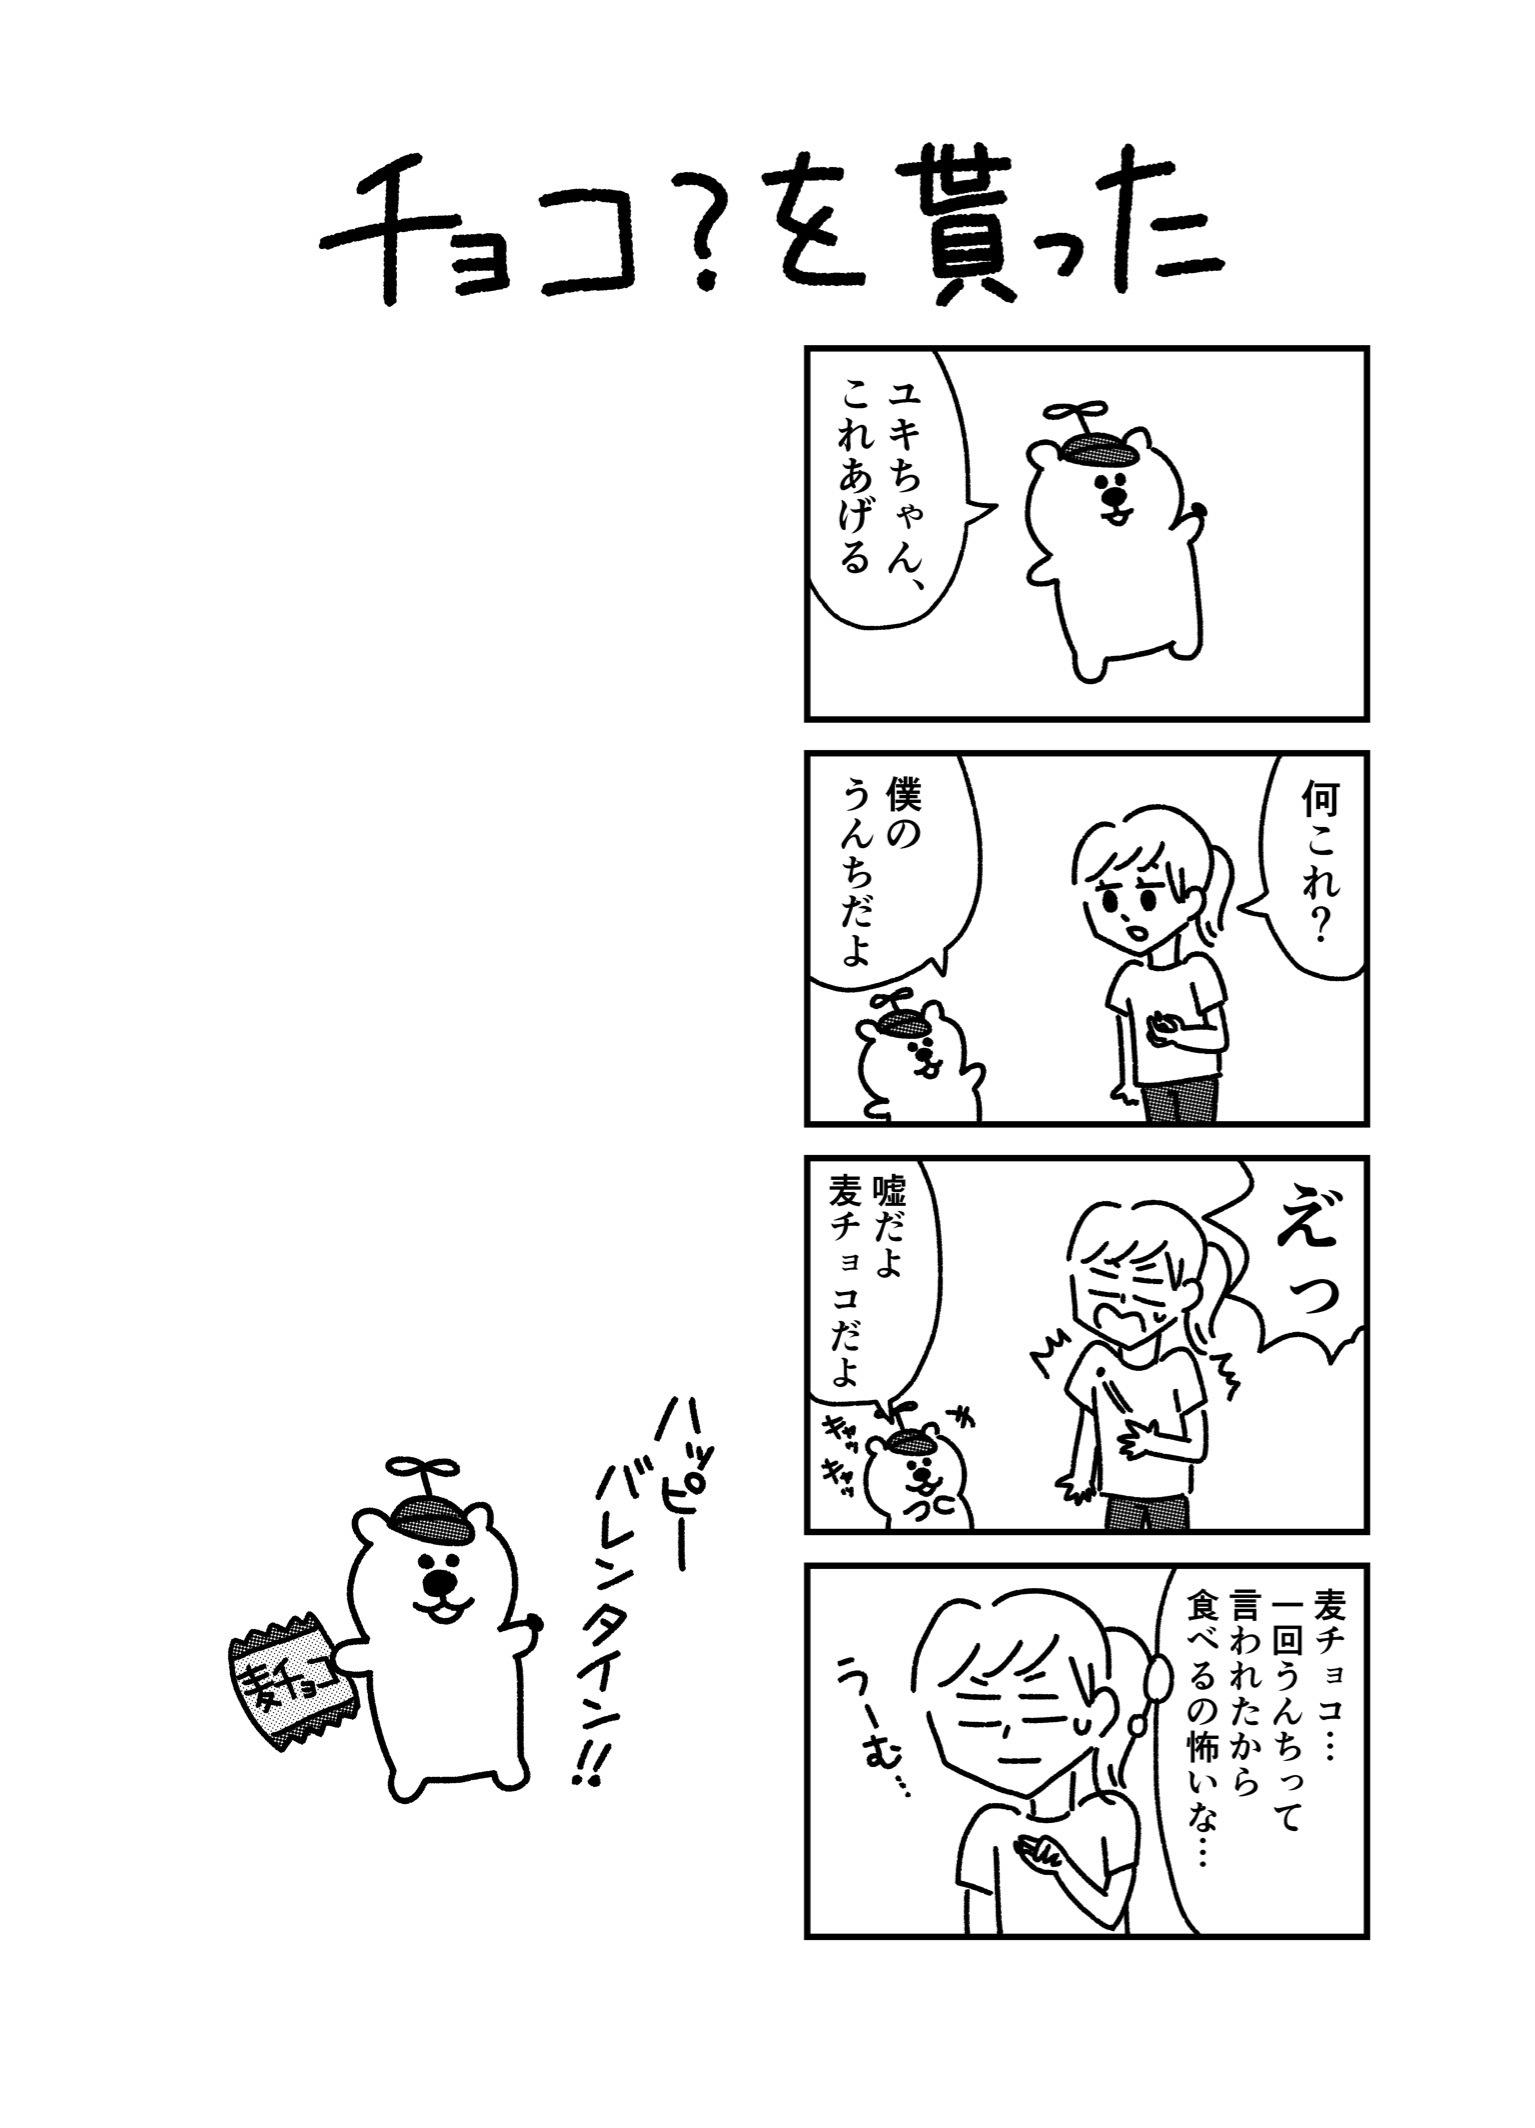 変な生き物の漫画【第八話】_f0346353_14242895.jpeg